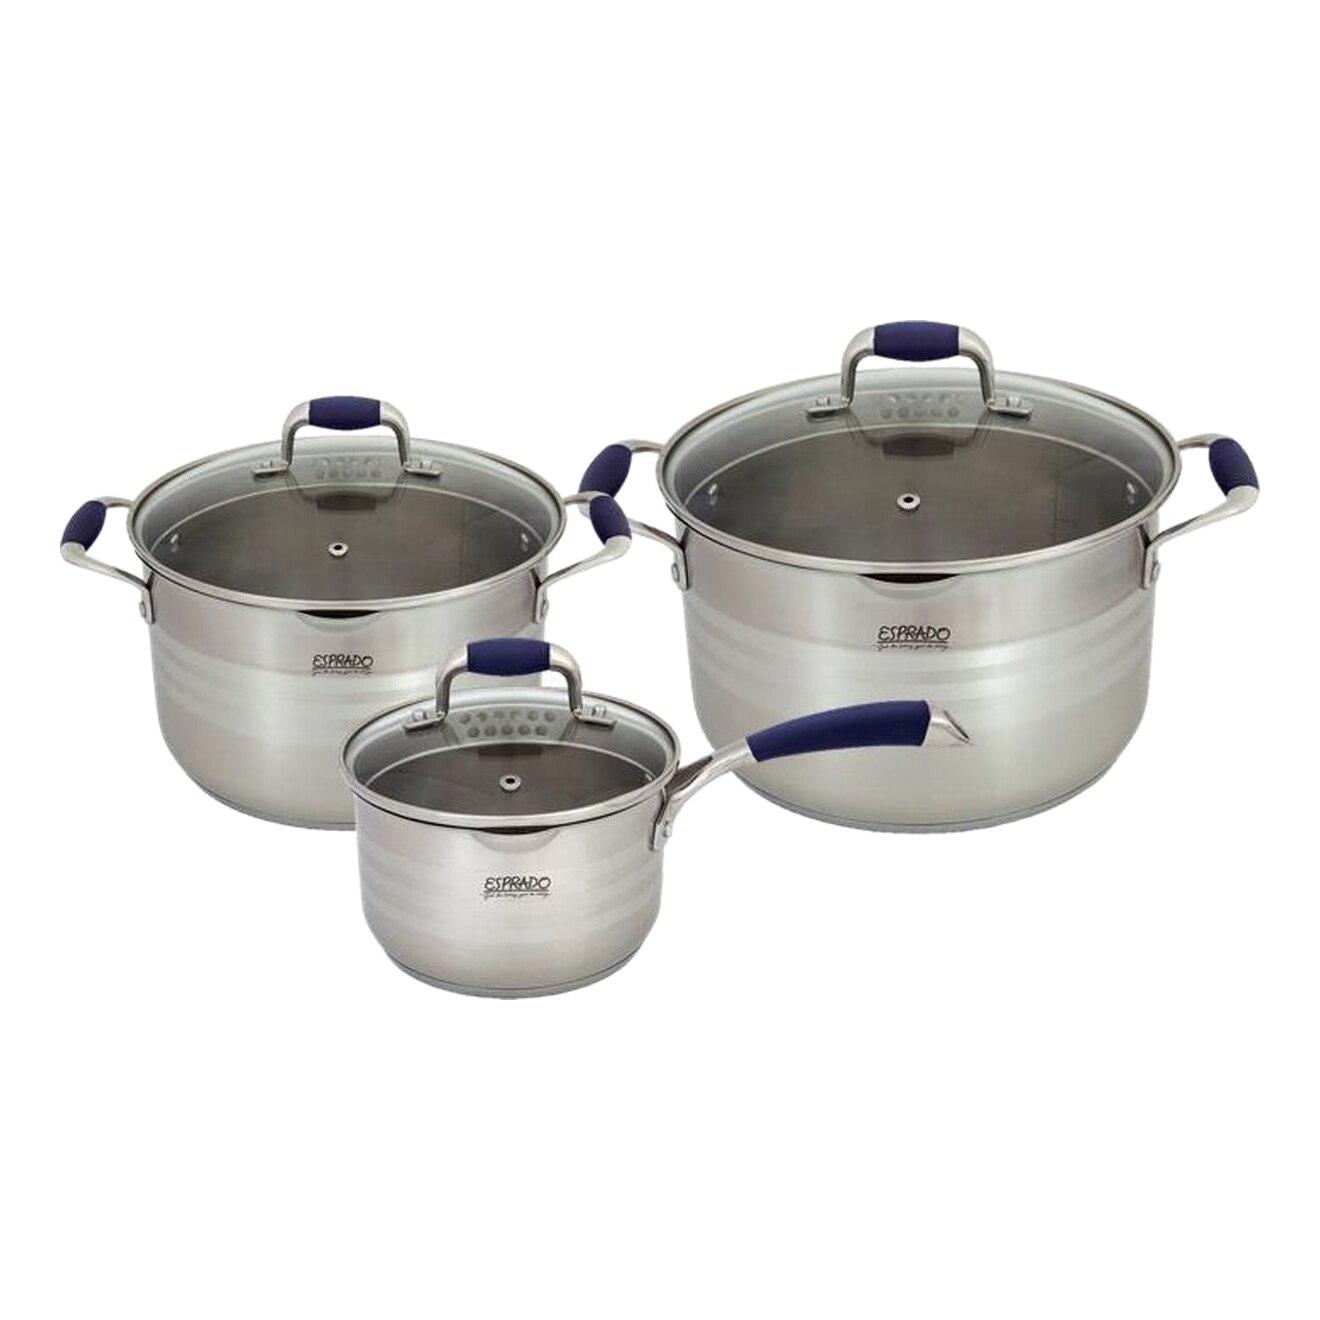 Cookware set Esprado Marina 6 items